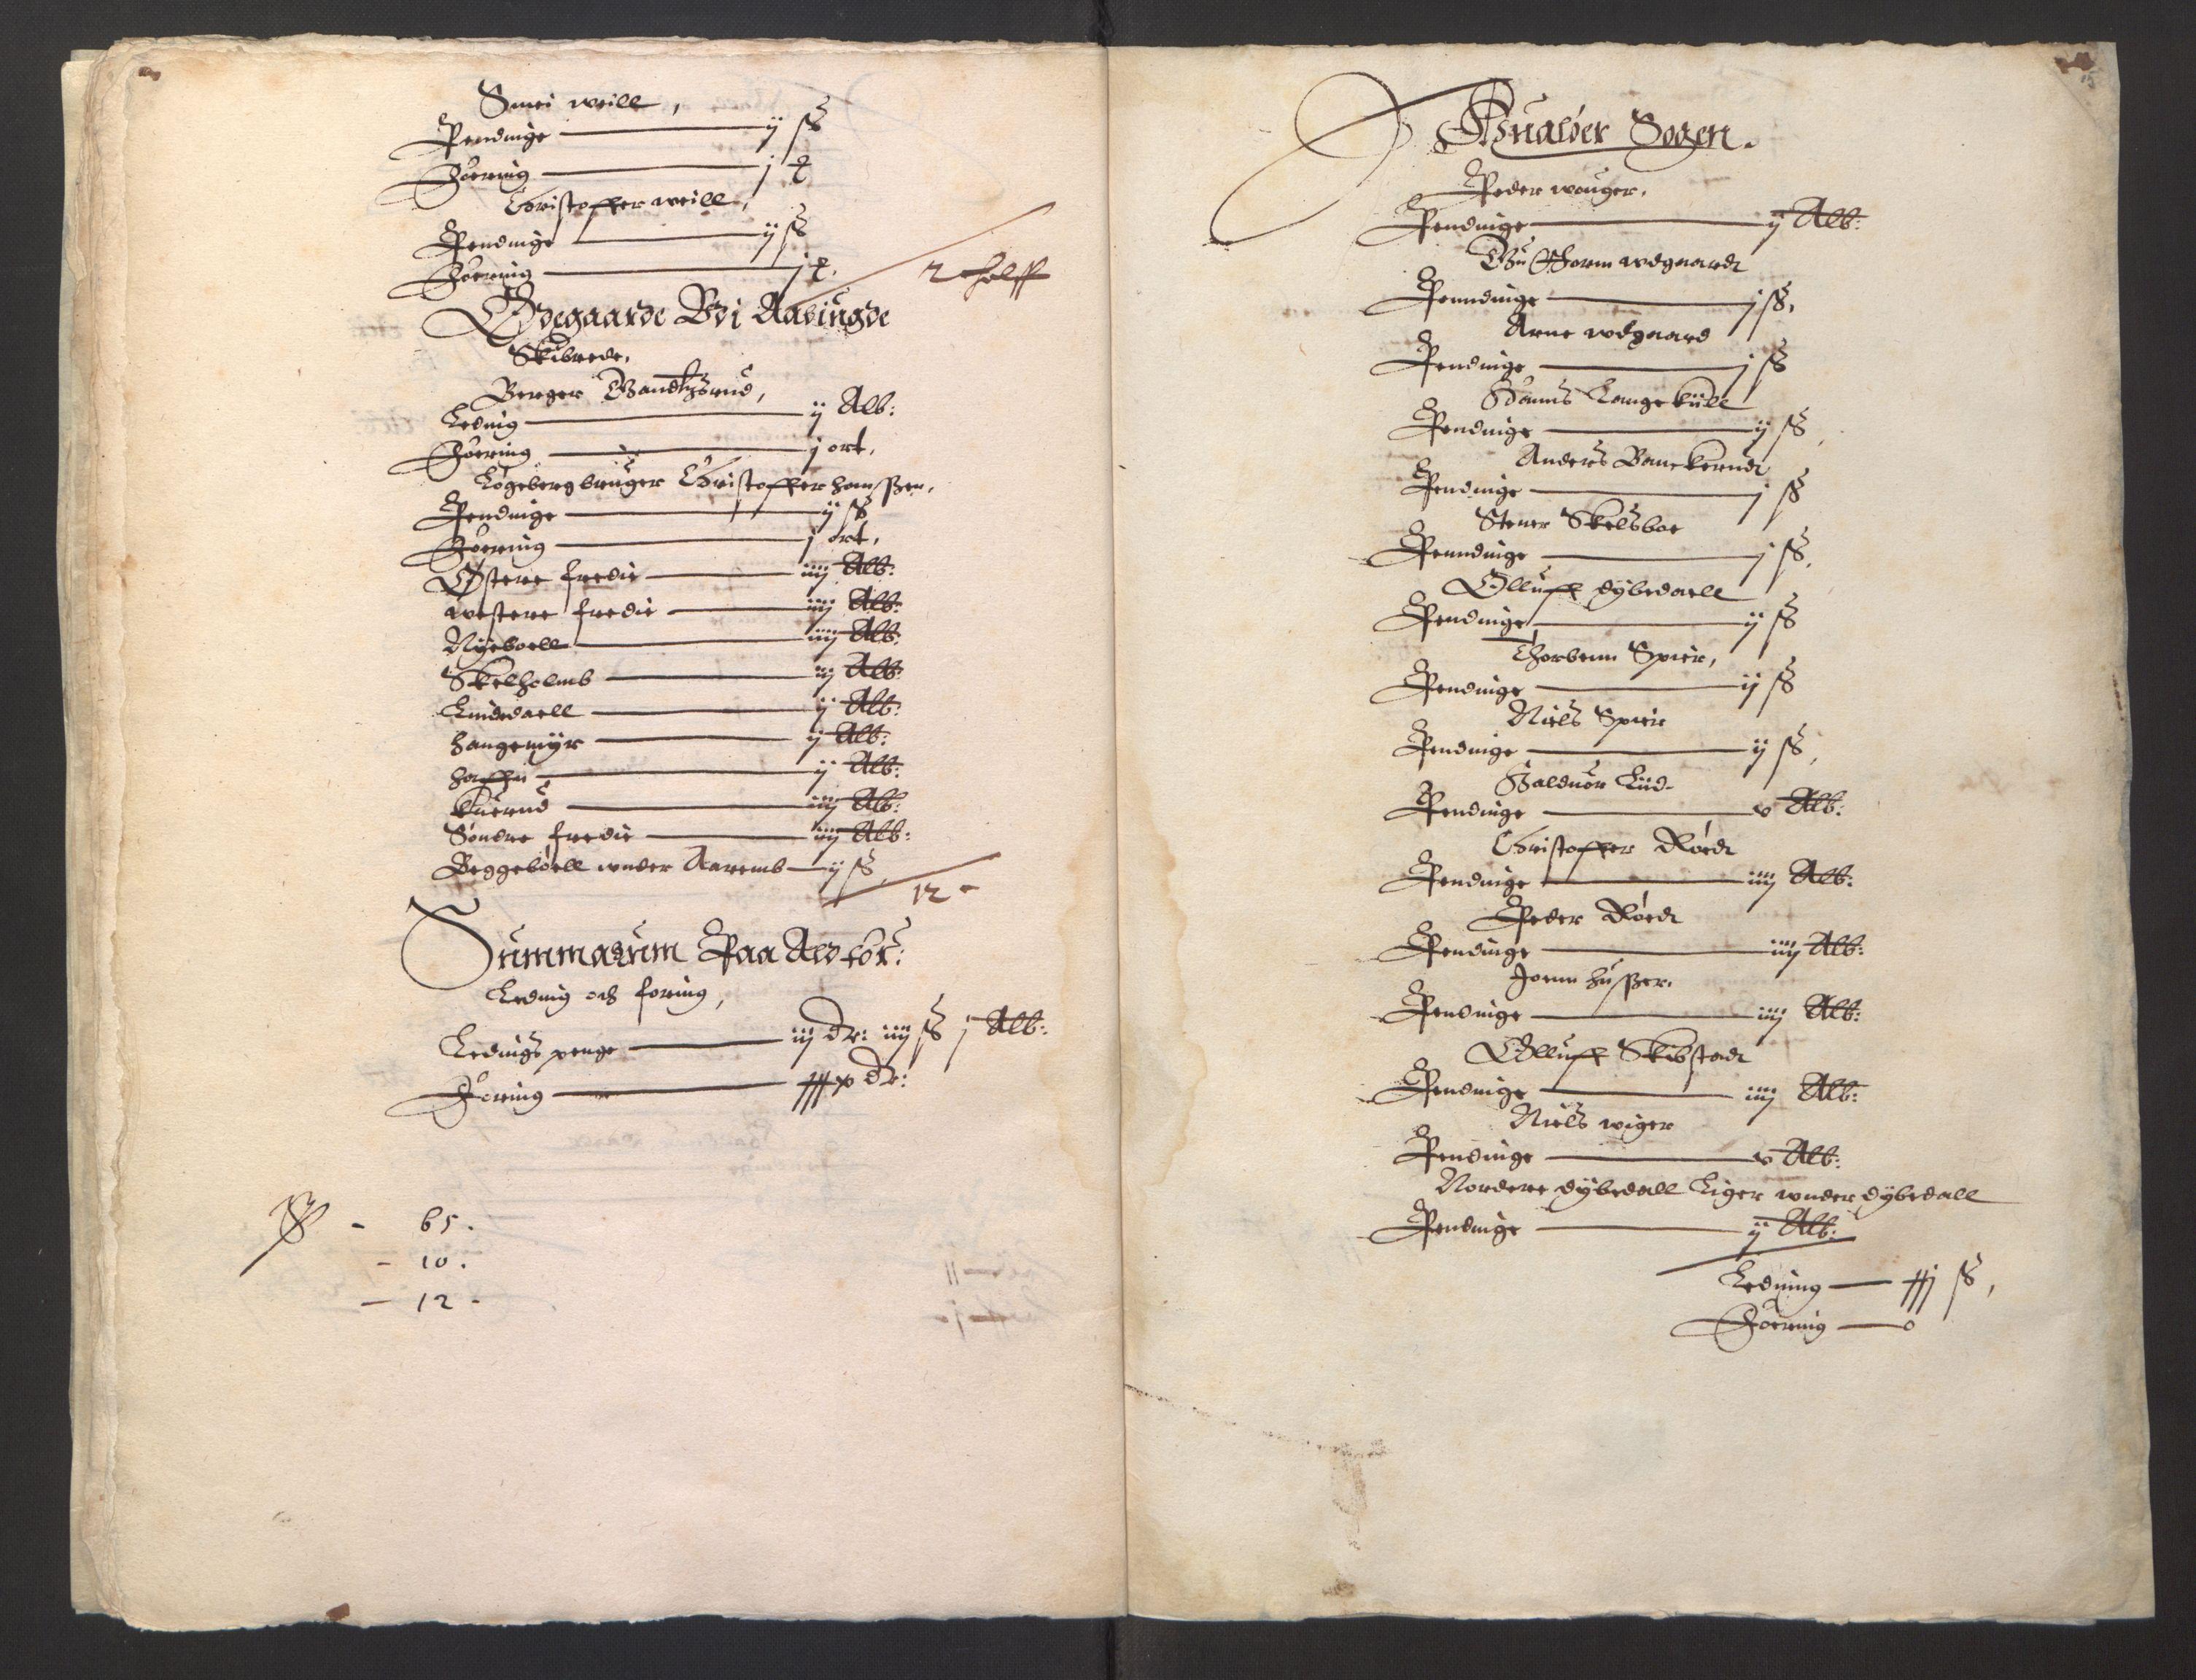 RA, Stattholderembetet 1572-1771, Ek/L0001: Jordebøker før 1624 og til utligning av garnisonsskatt 1624-1626:, 1624-1625, s. 218